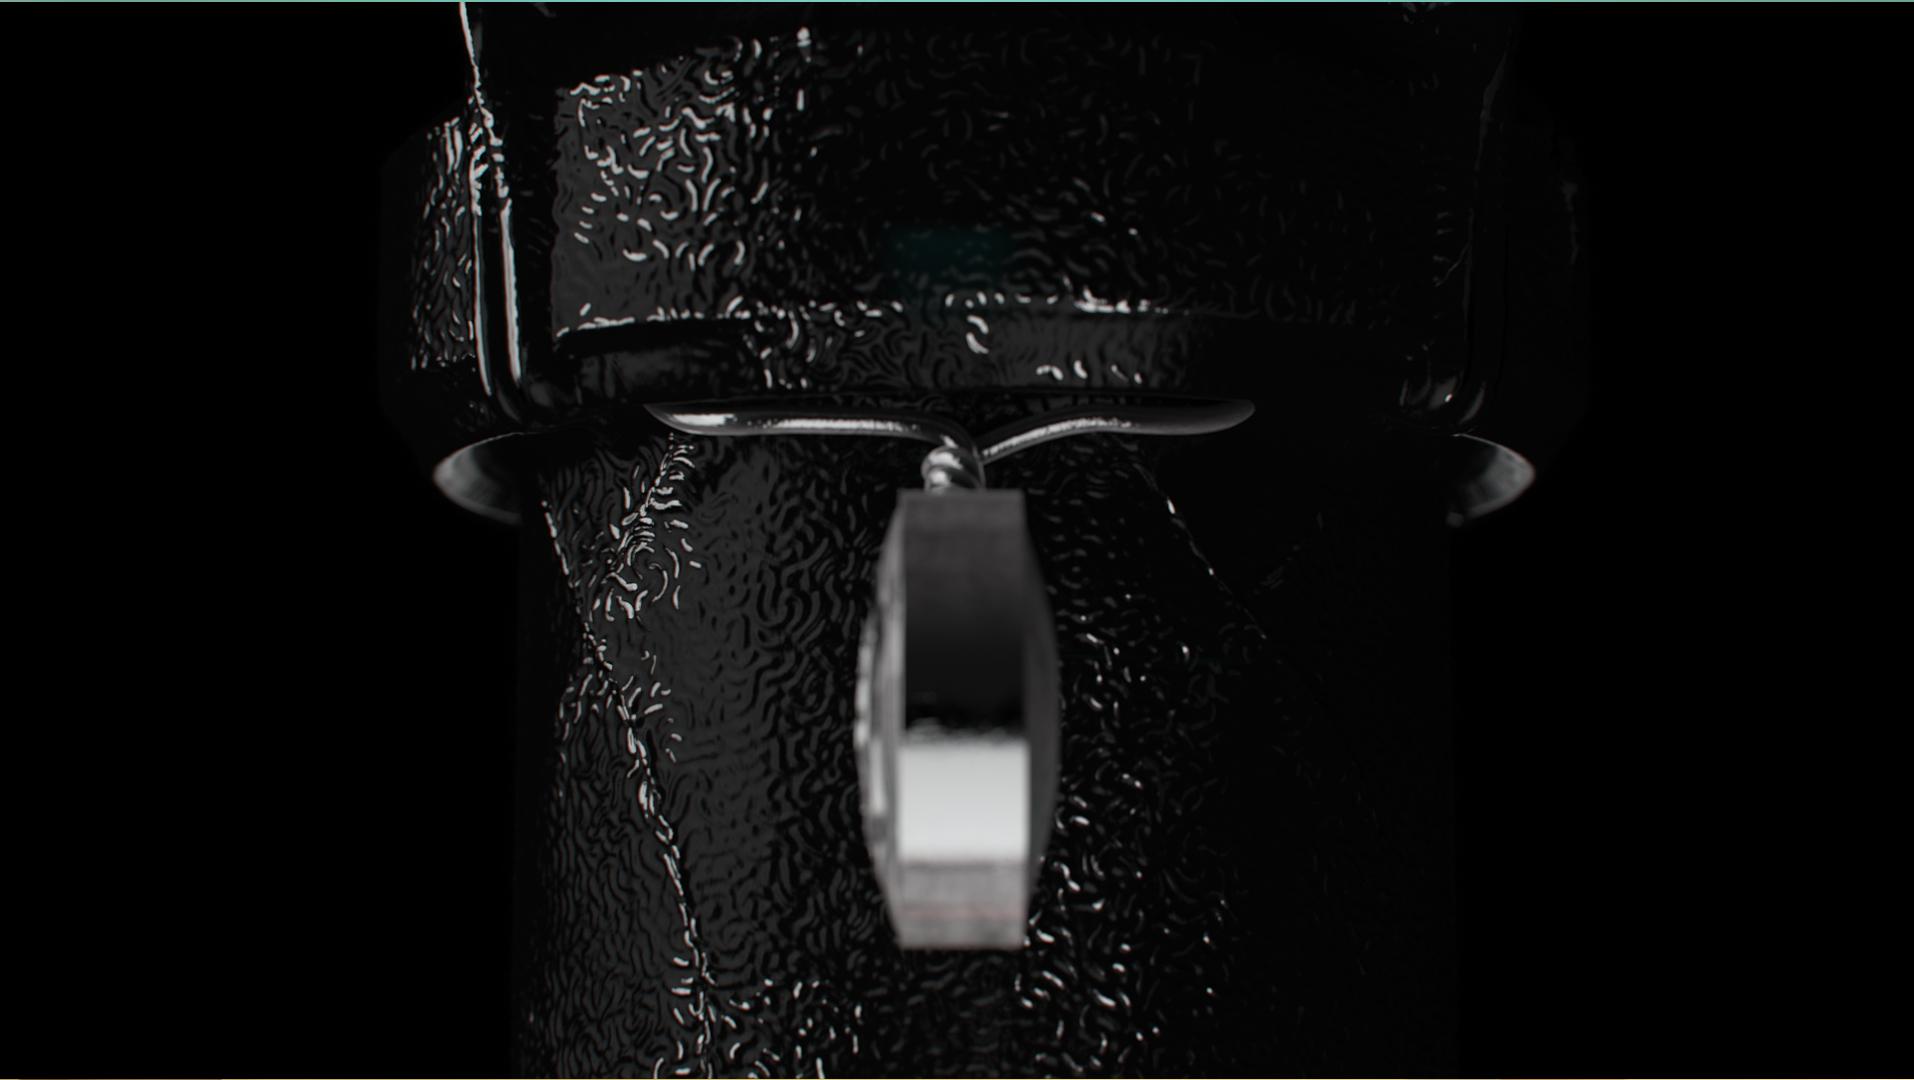 GALERIE-Dripmoon-Studio 3D-Tours-Motion design - Veuve Clicquot - La grande dame - Packshot 5